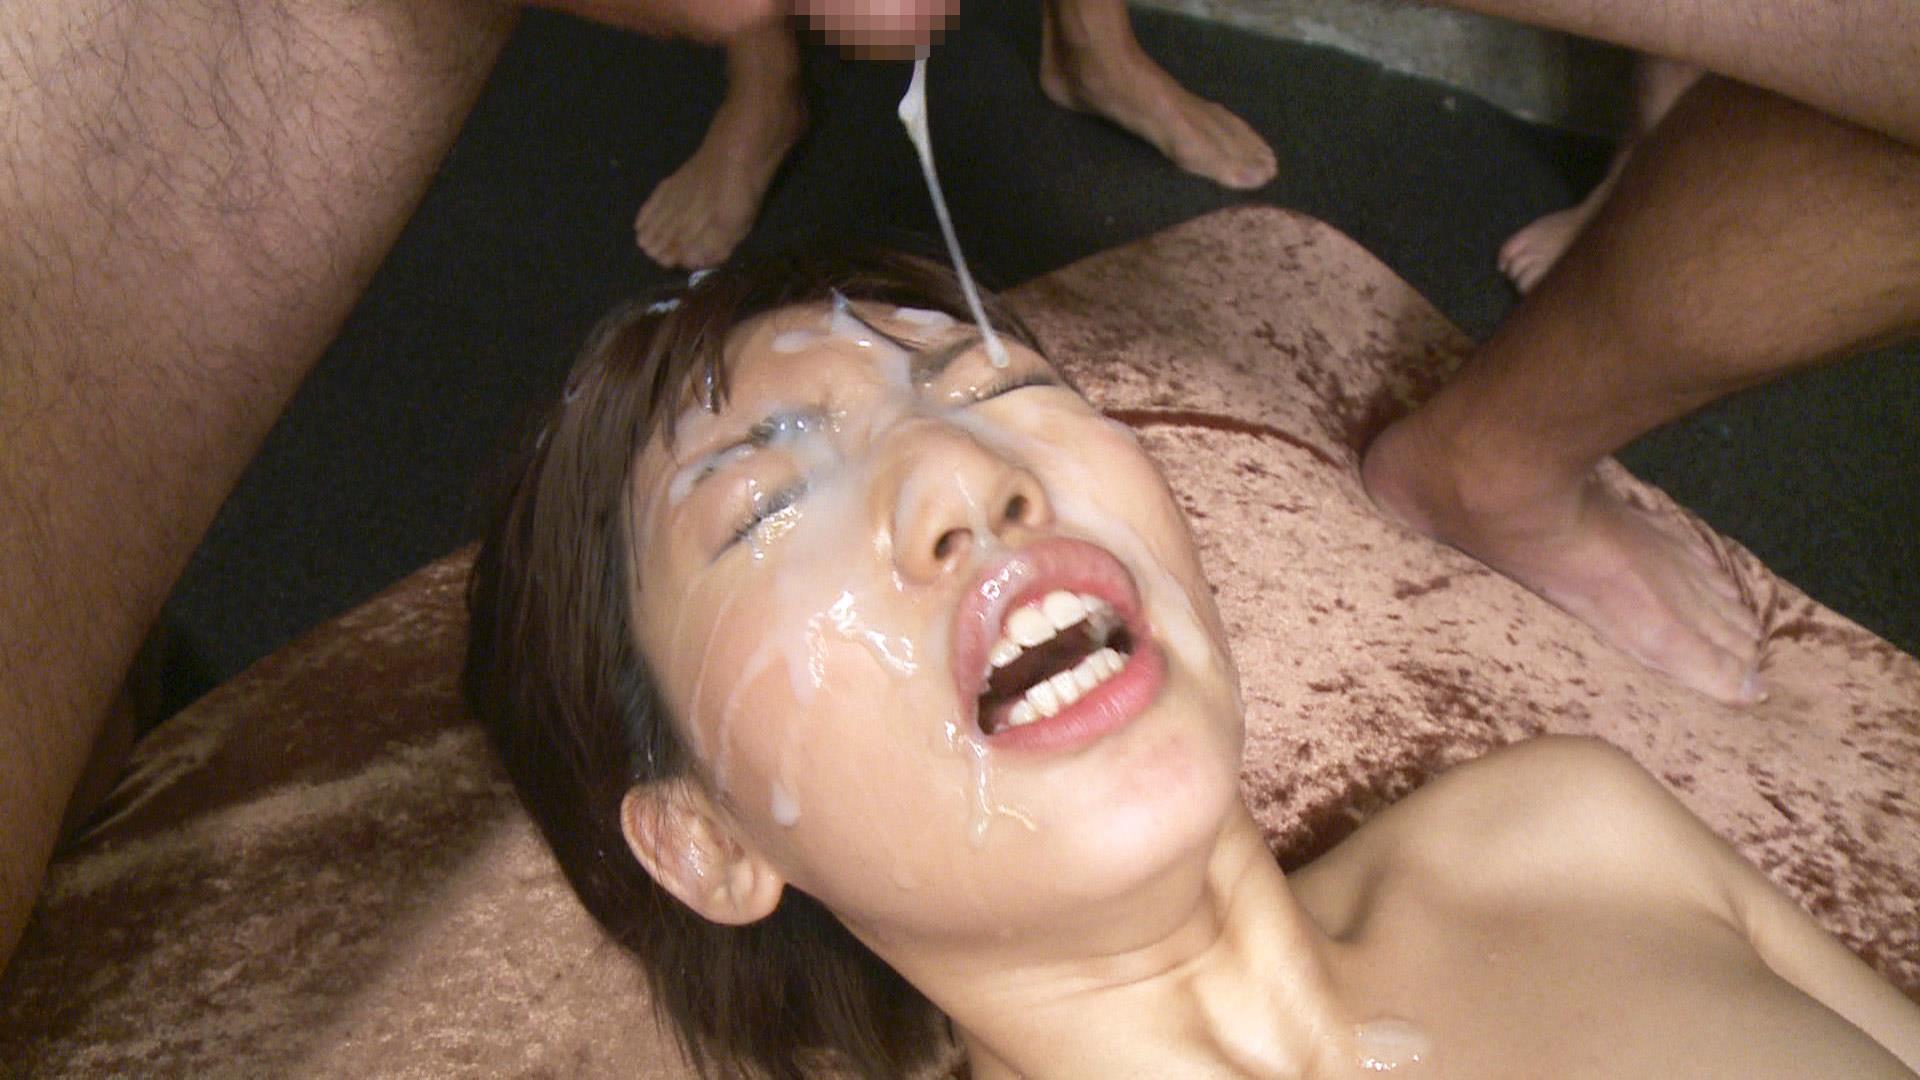 大量にザーメンを顔射される乙葉ななせセックス画像